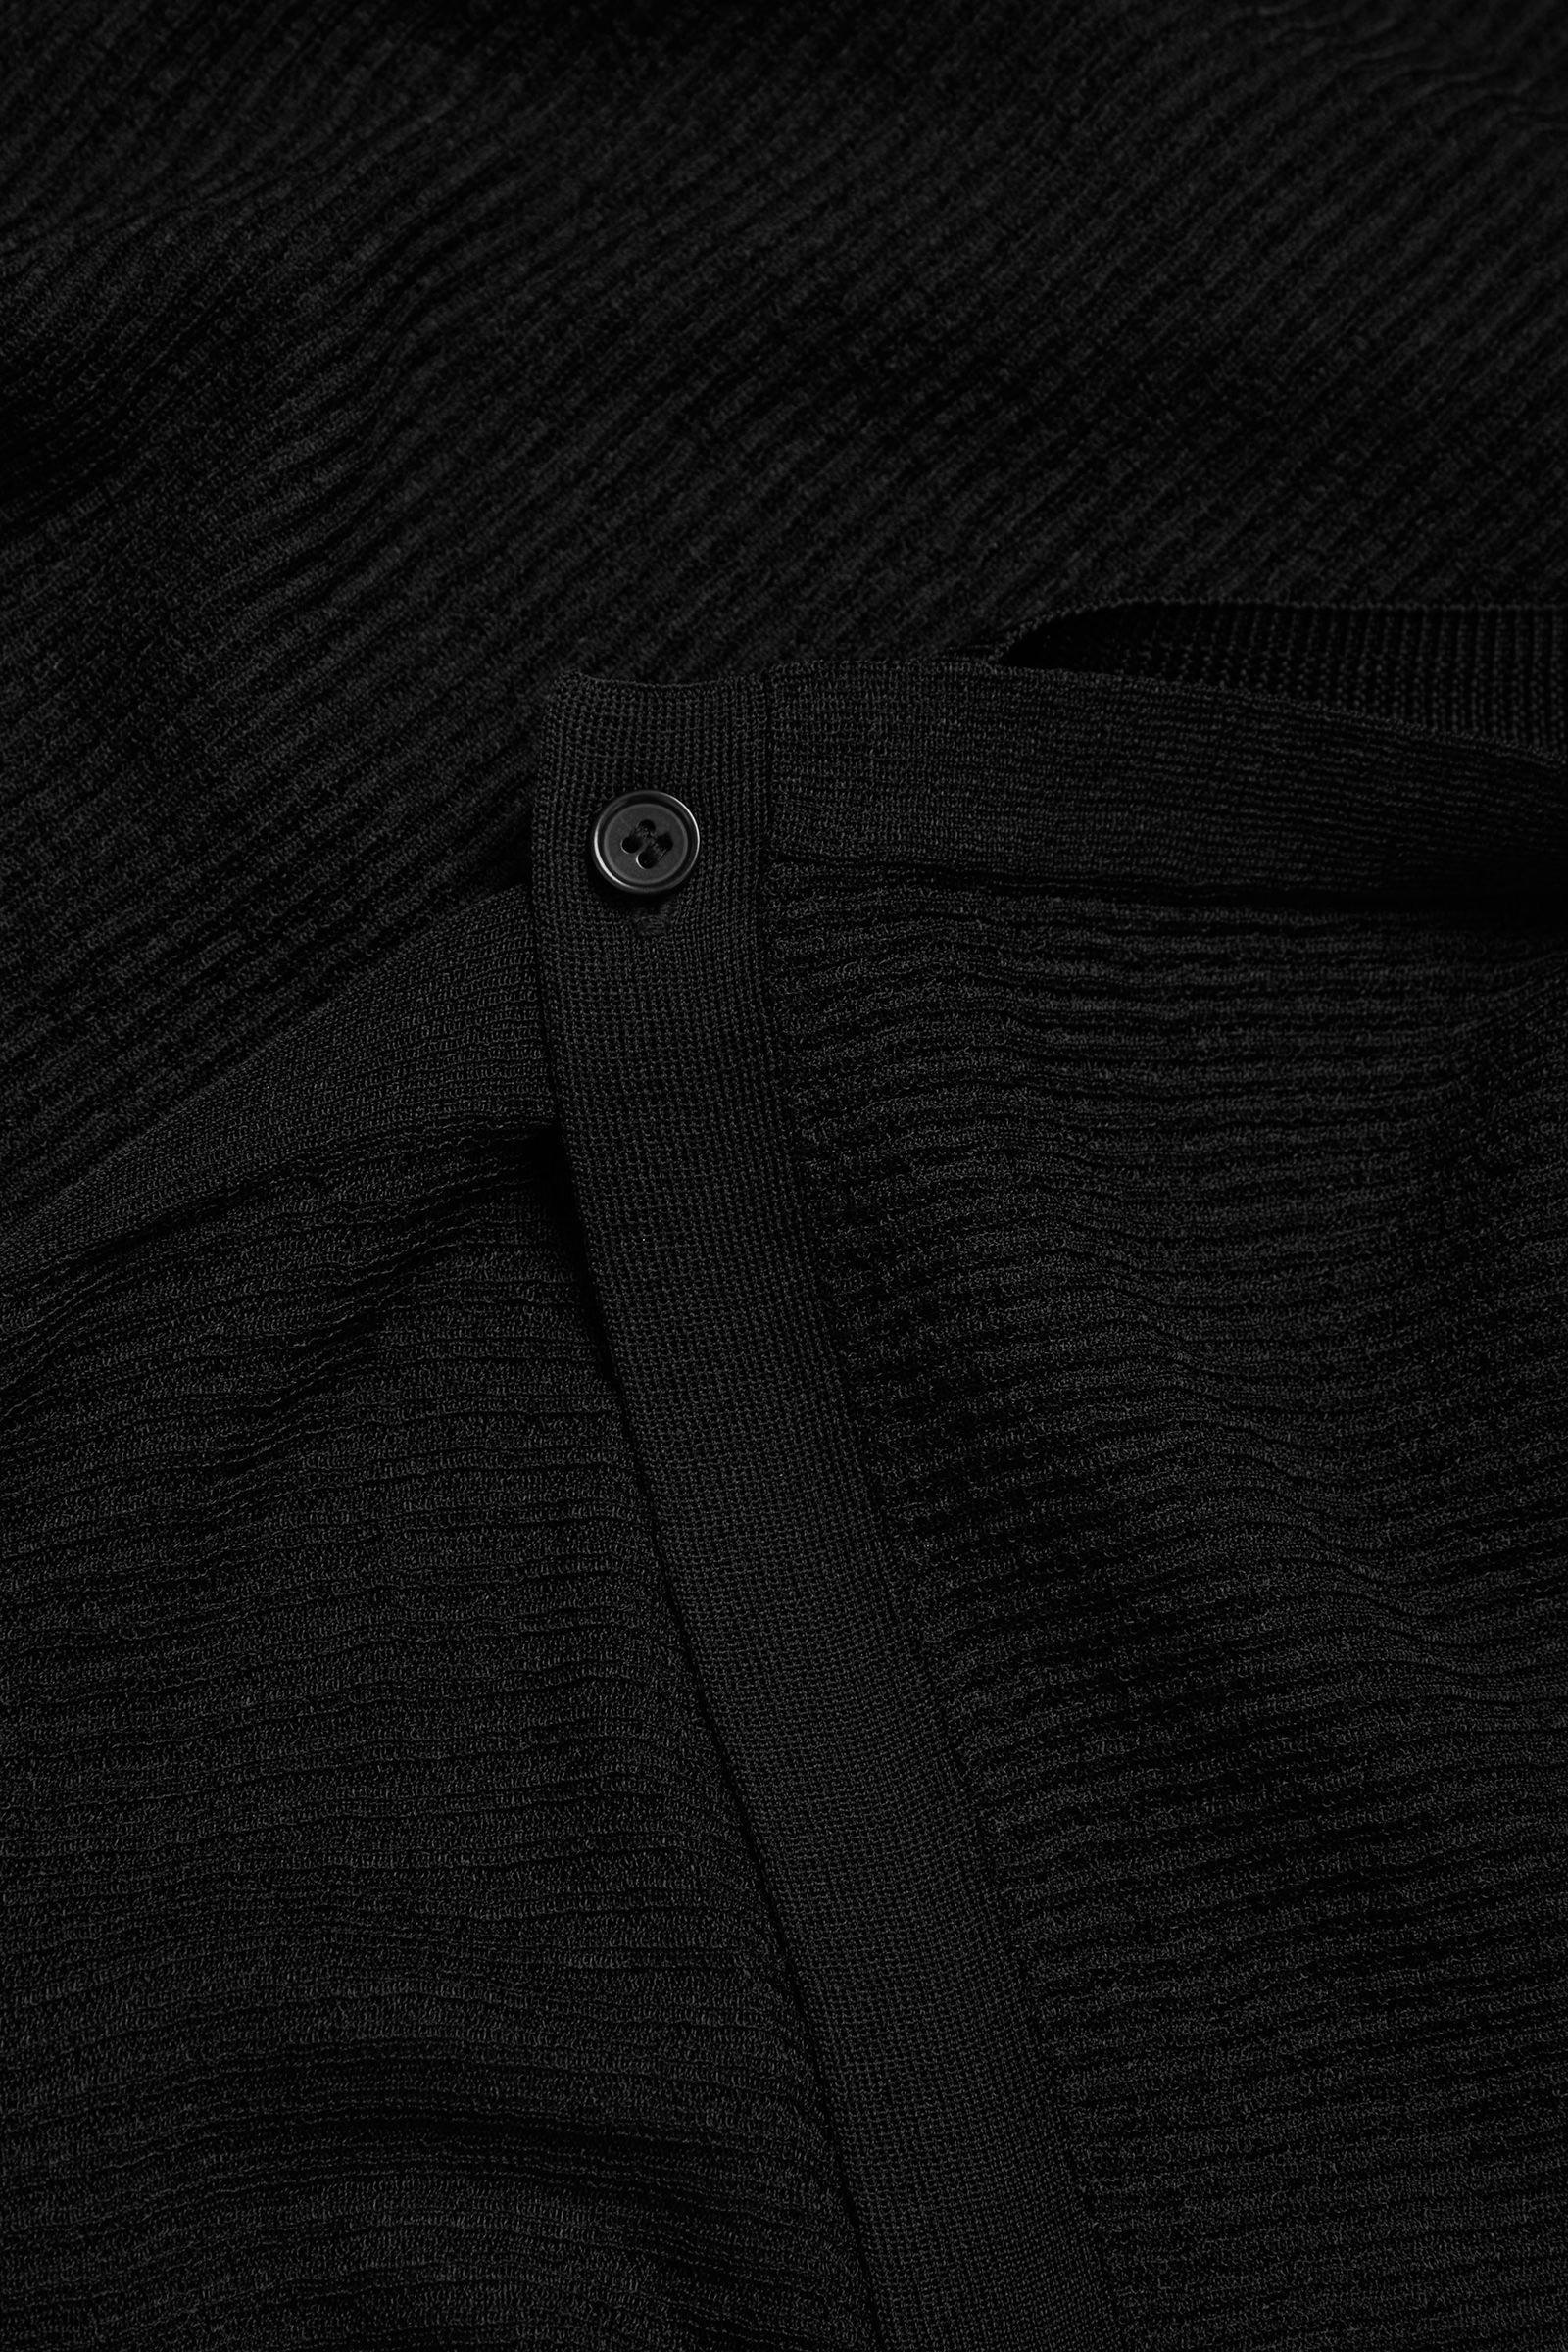 COS 드레이프드 니티드 가디건의 블랙컬러 Detail입니다.